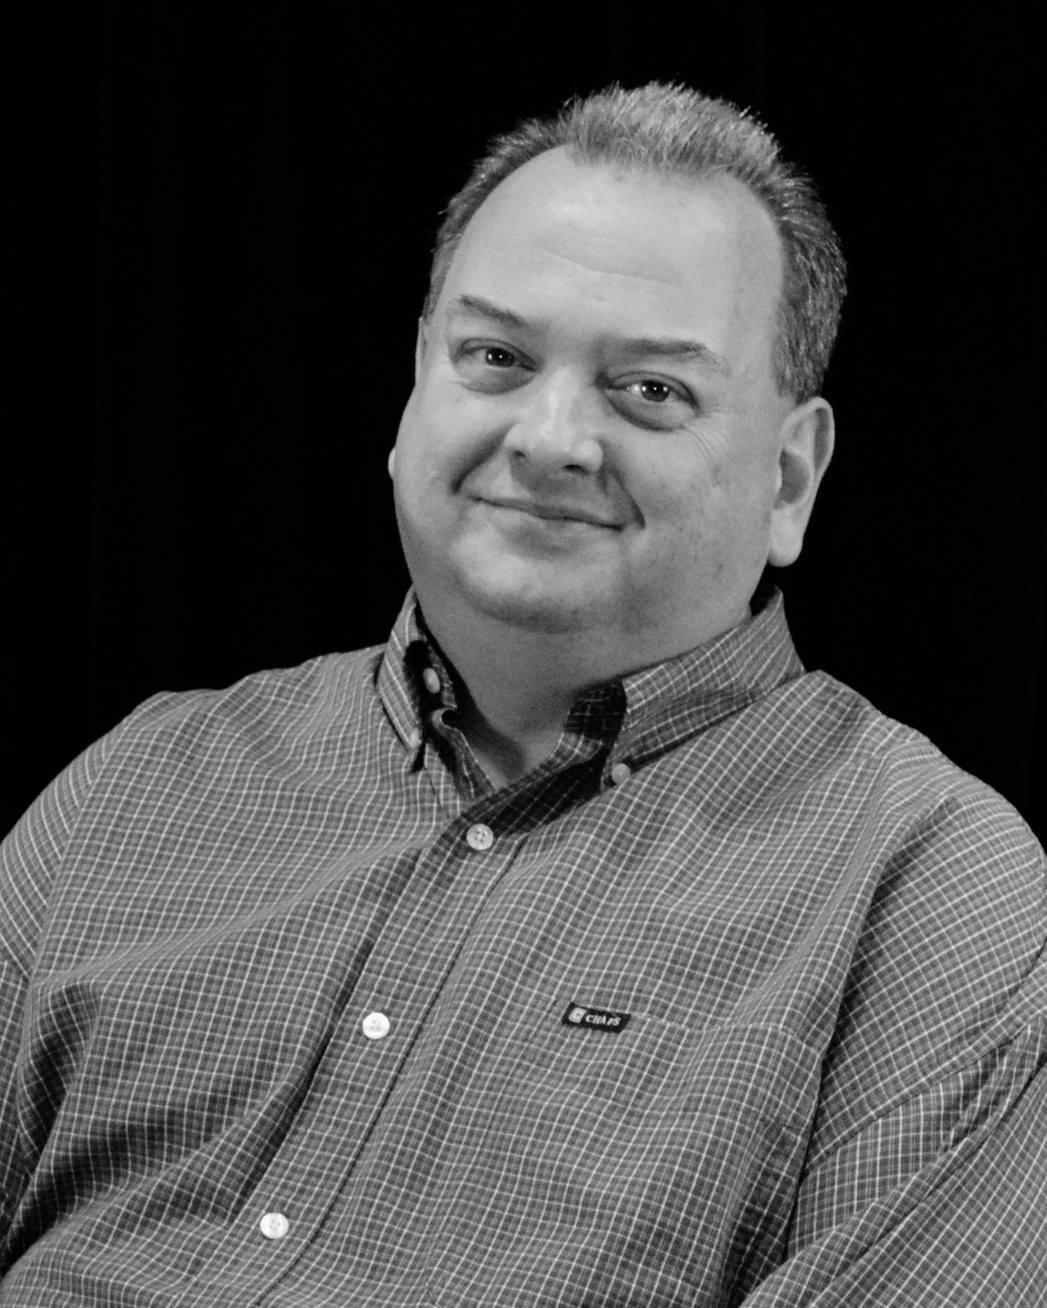 BWW Interview: Michael J. Starzynski